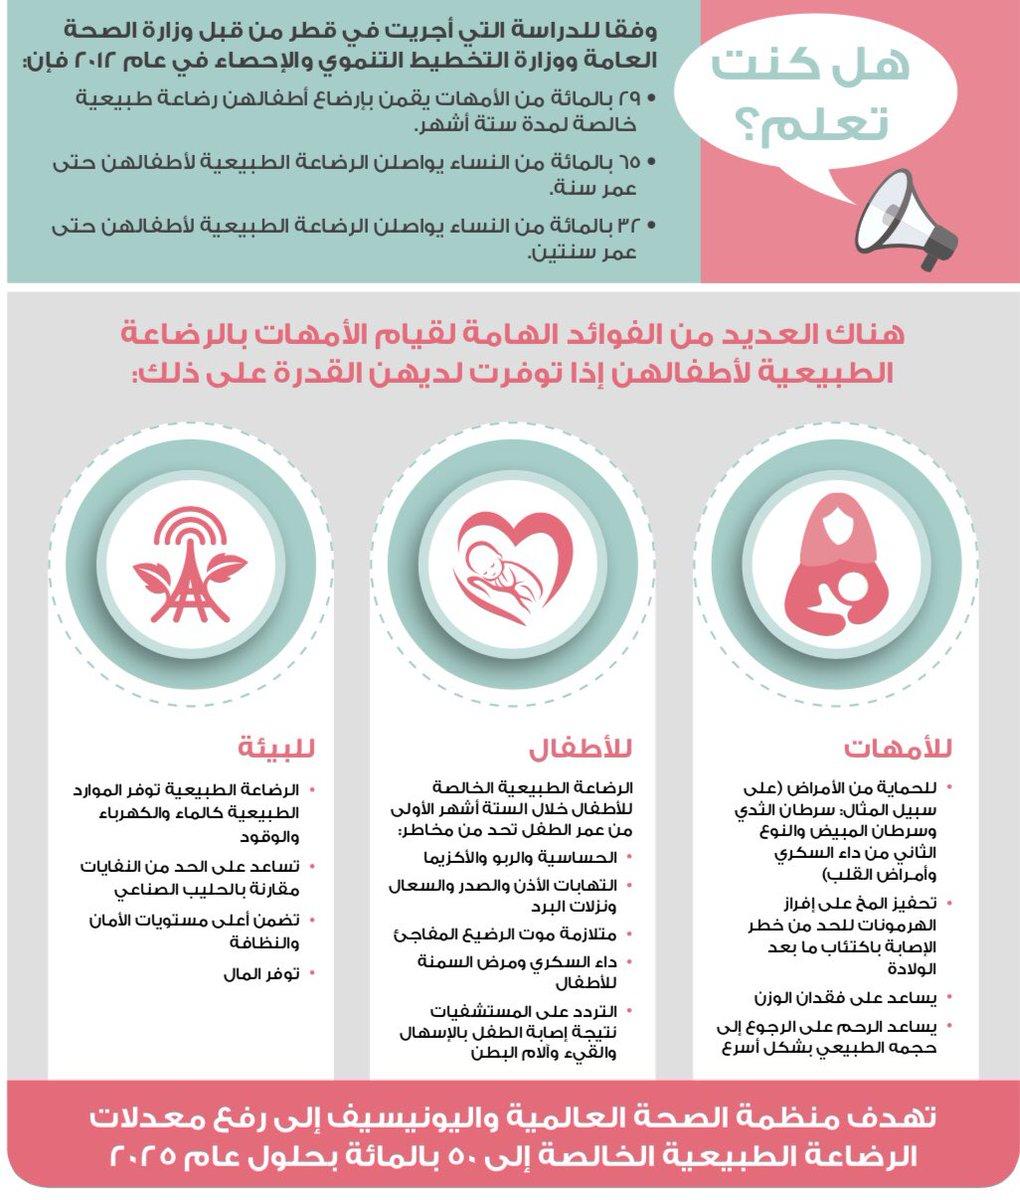 Sidra Medicine On Twitter In Support Of International Breastfeeding Awareness Here Are Some Of The Benefits Of Breastfeeding دعما للوعي الدولي بالرضاعة الطبيعية إليكم بعض فوائد الرضاعة الطبيعية Https T Co Ygtmzh1kux